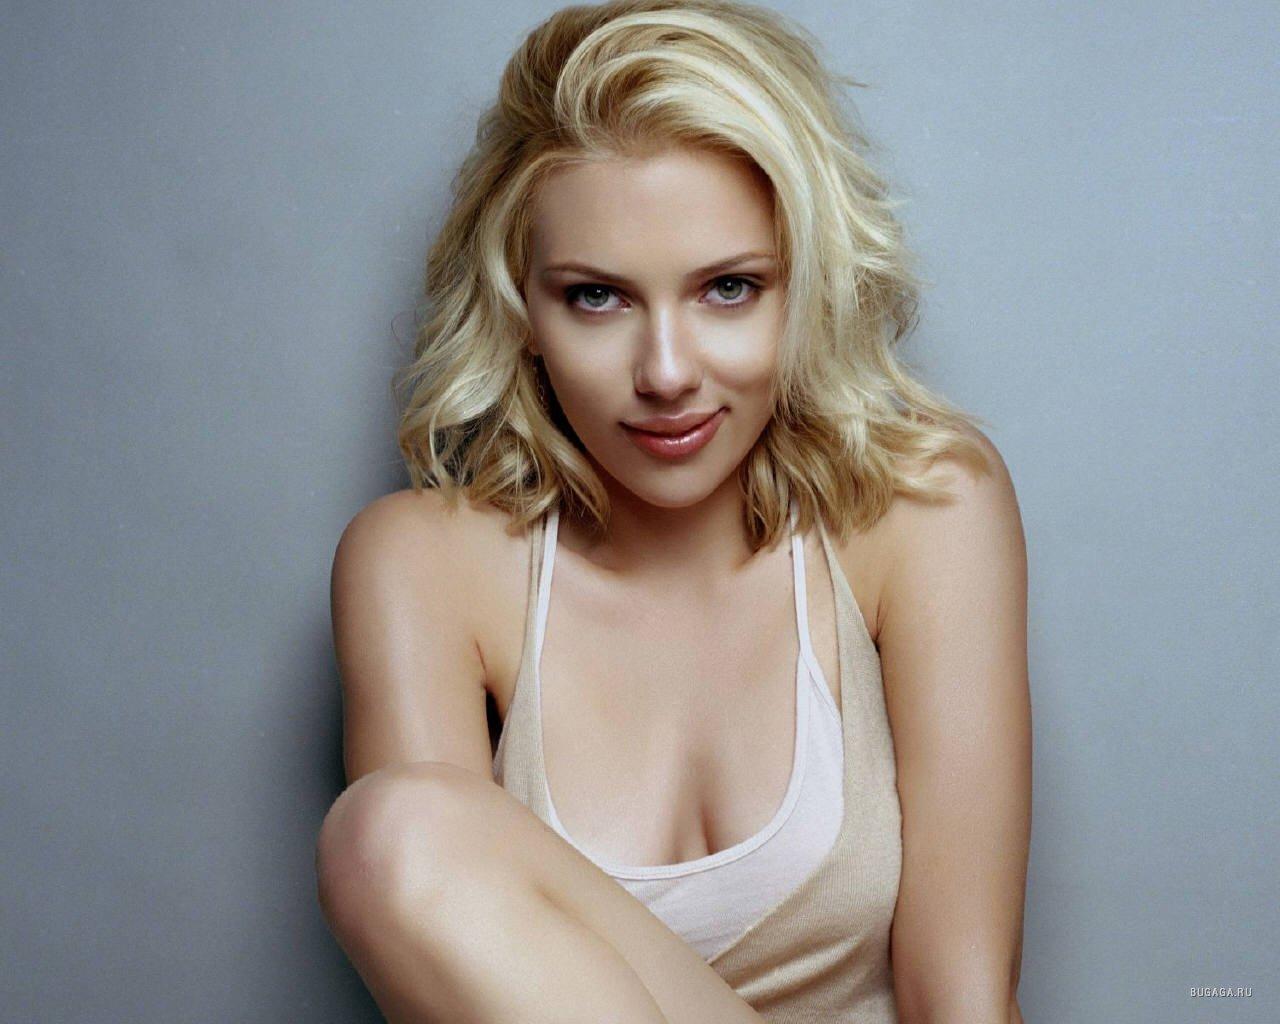 Самые сексуальные актрисы и модели 10 фотография